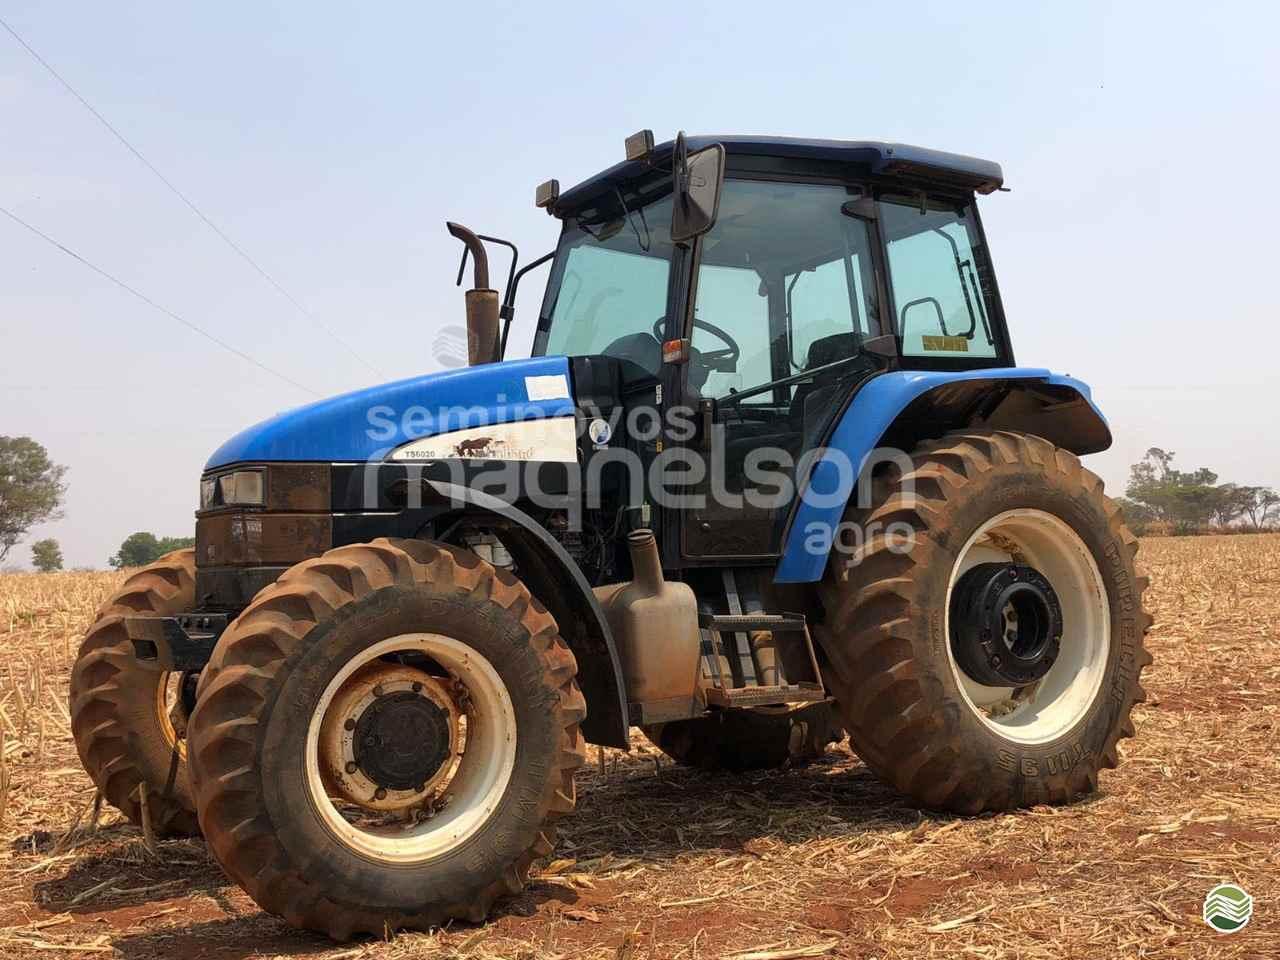 TRATOR NEW HOLLAND NEW TS 6020 Tração 4x4 Maqnelson Seminovos Agro UBERLANDIA MINAS GERAIS MG